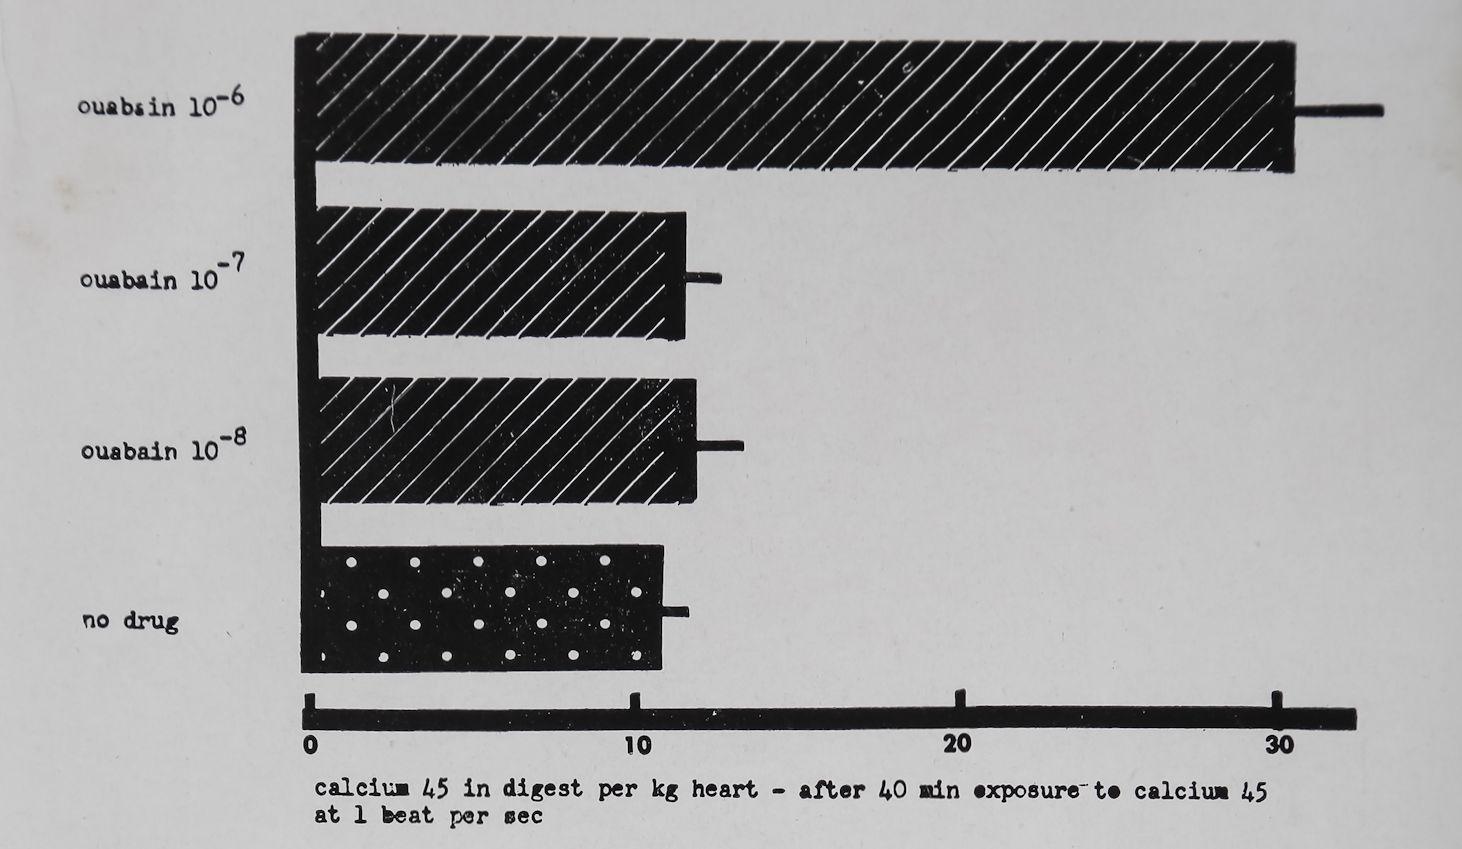 1963-CardiacGlycosidesAndCalcium-2